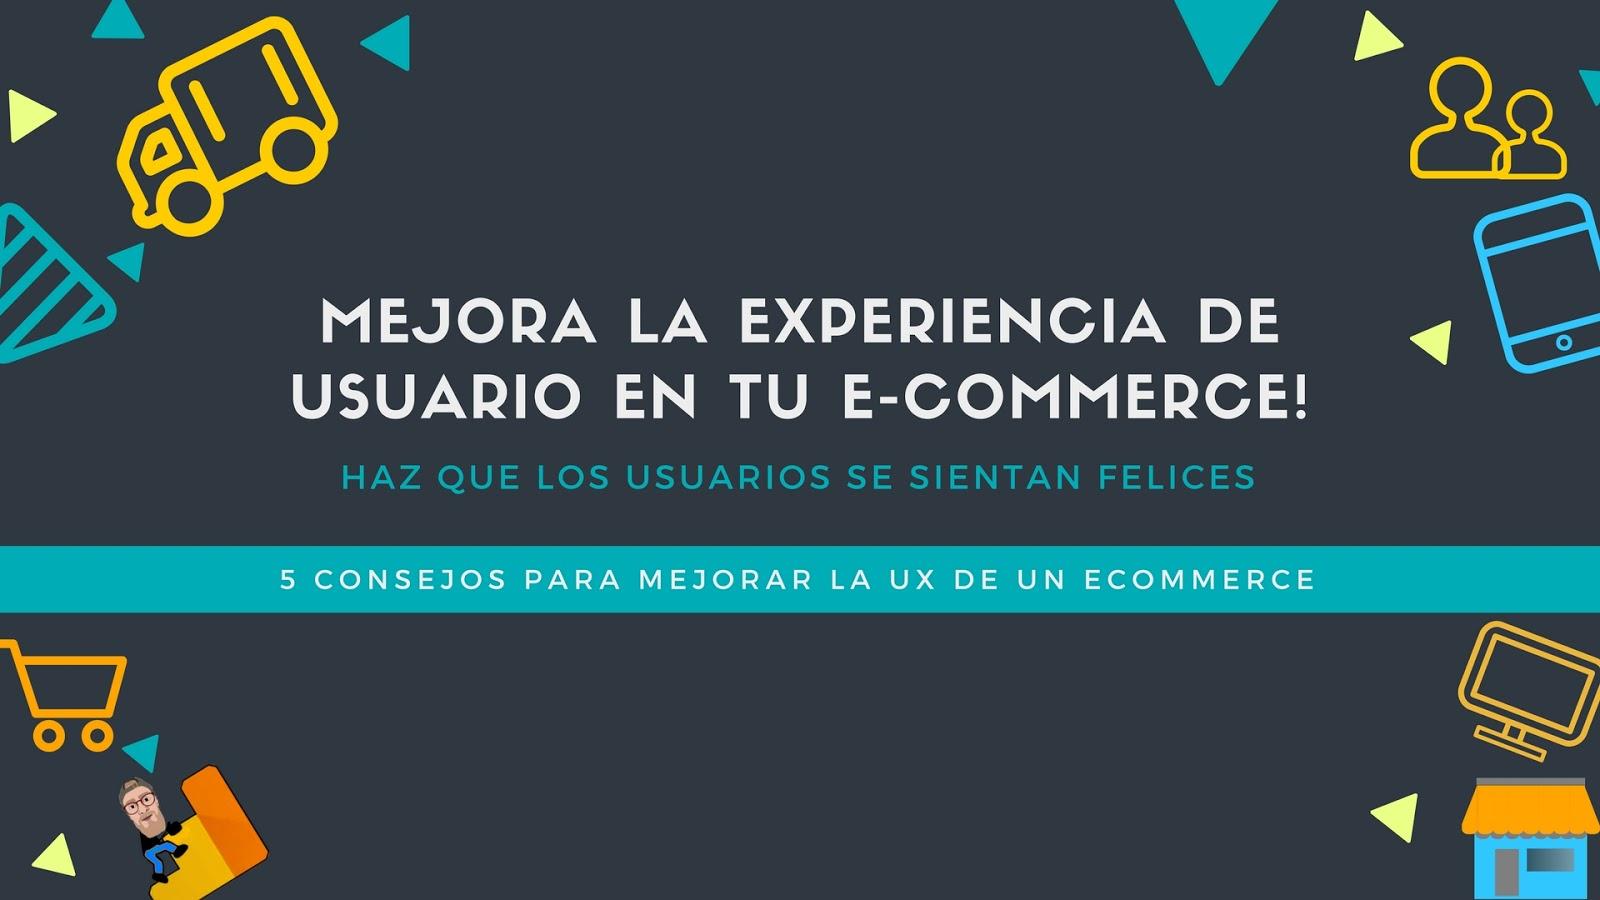 Experiencia de Usuario en Ecommerce